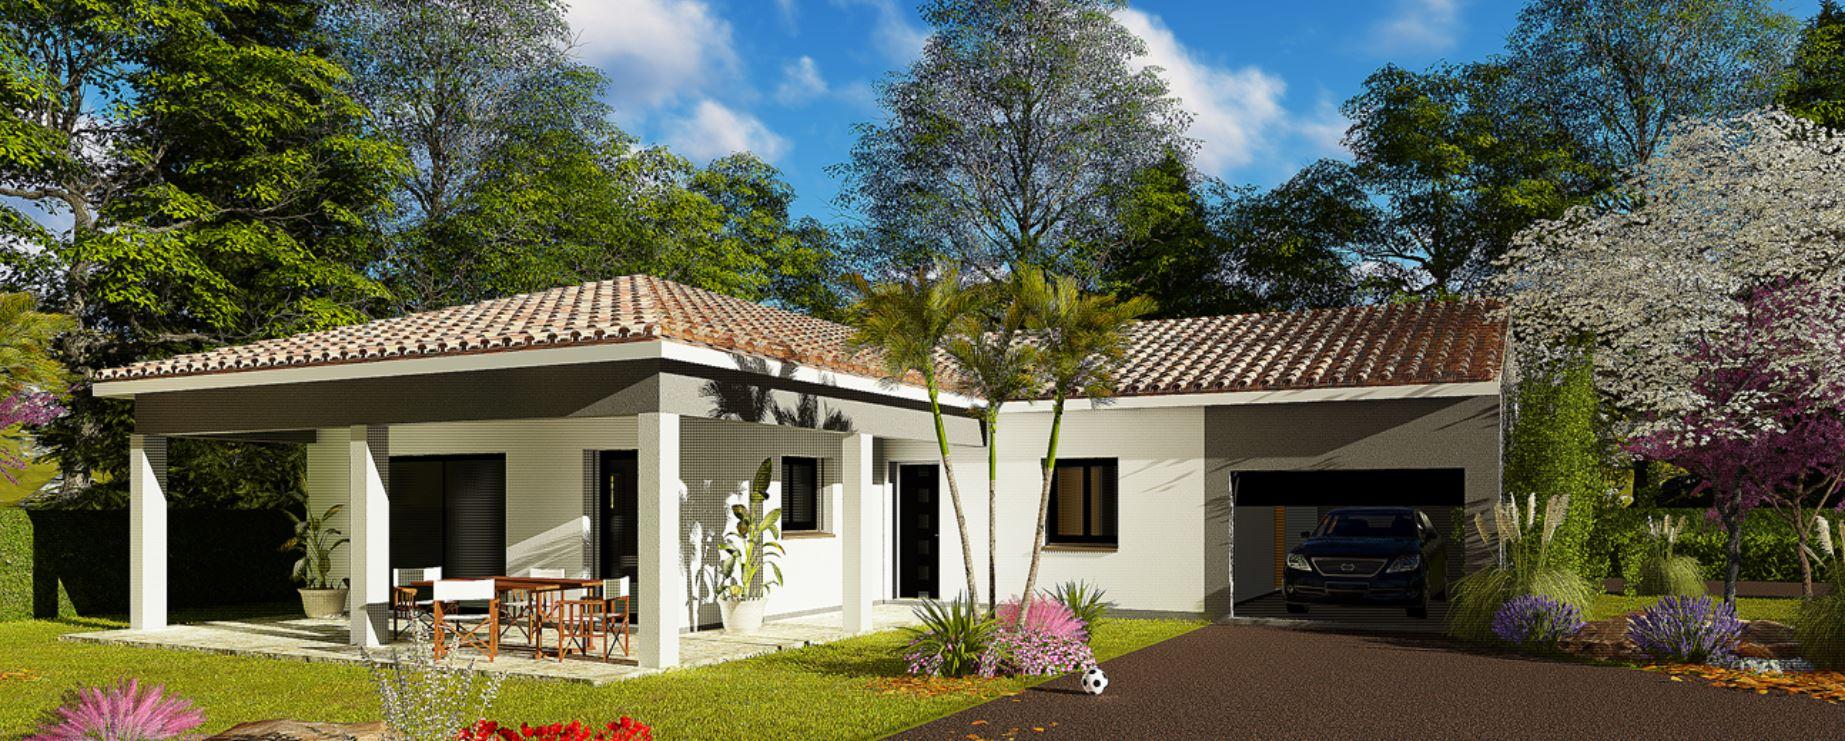 Maisons + Terrains du constructeur HABITAT SUD EST • 100 m² • CORNAS